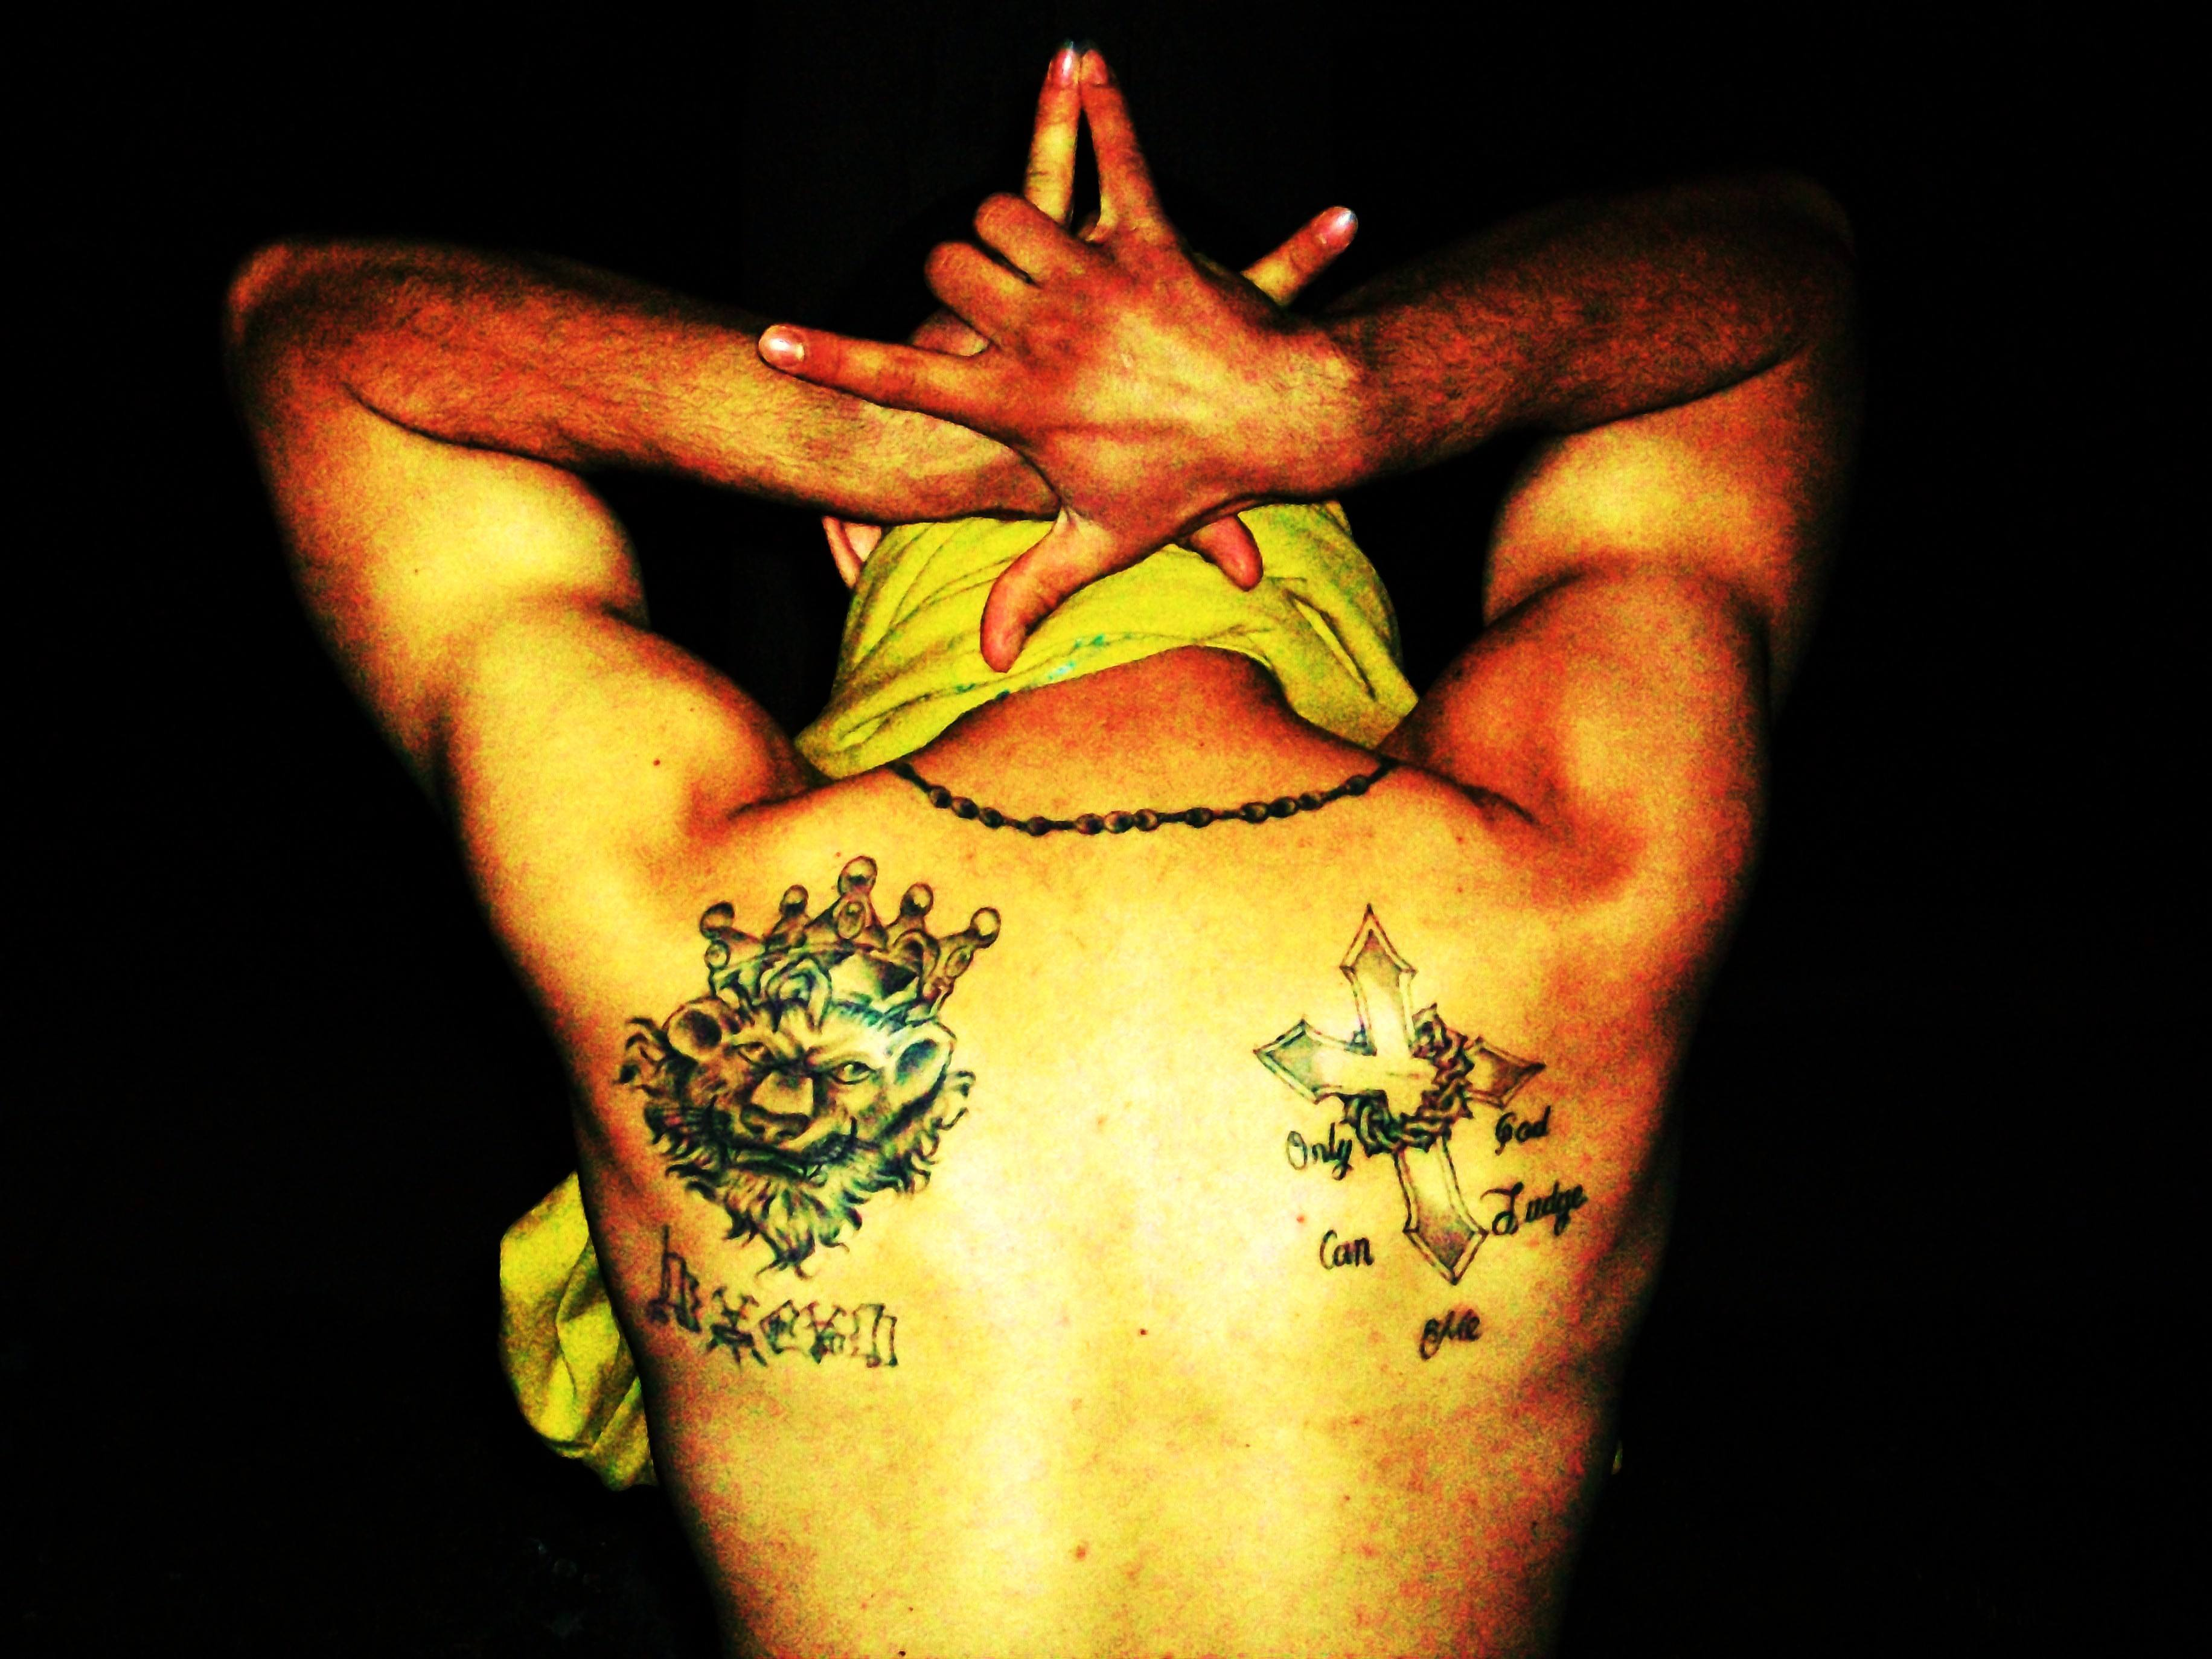 Tattoos and gang sign of Latin Kings gang